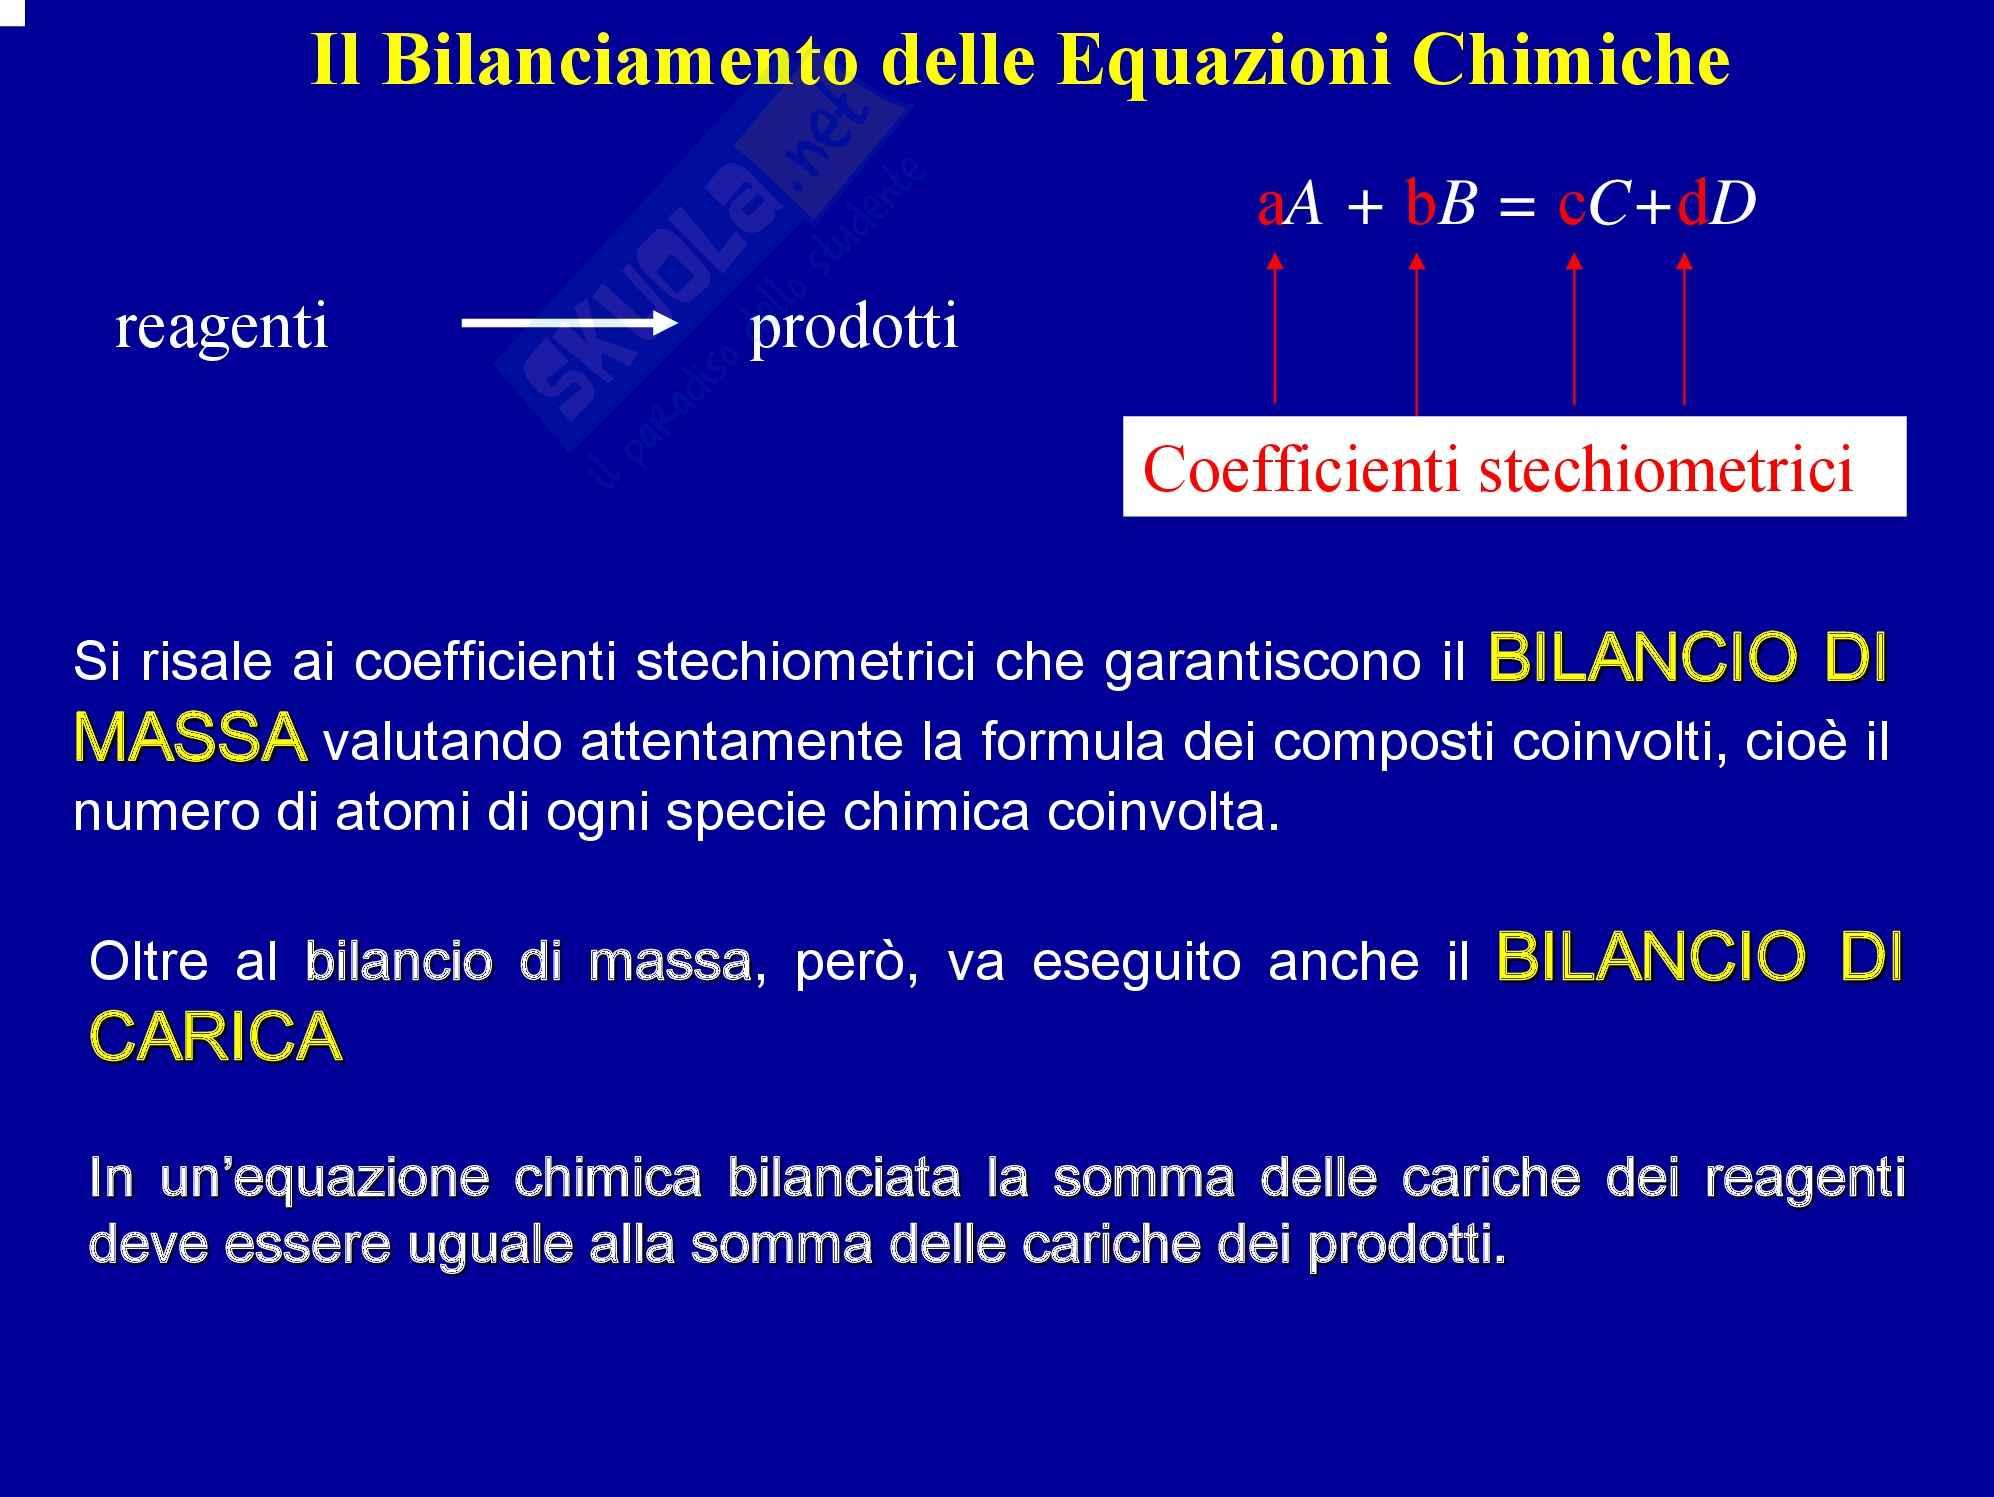 Chimica generale - le reazioni chimiche Pag. 6